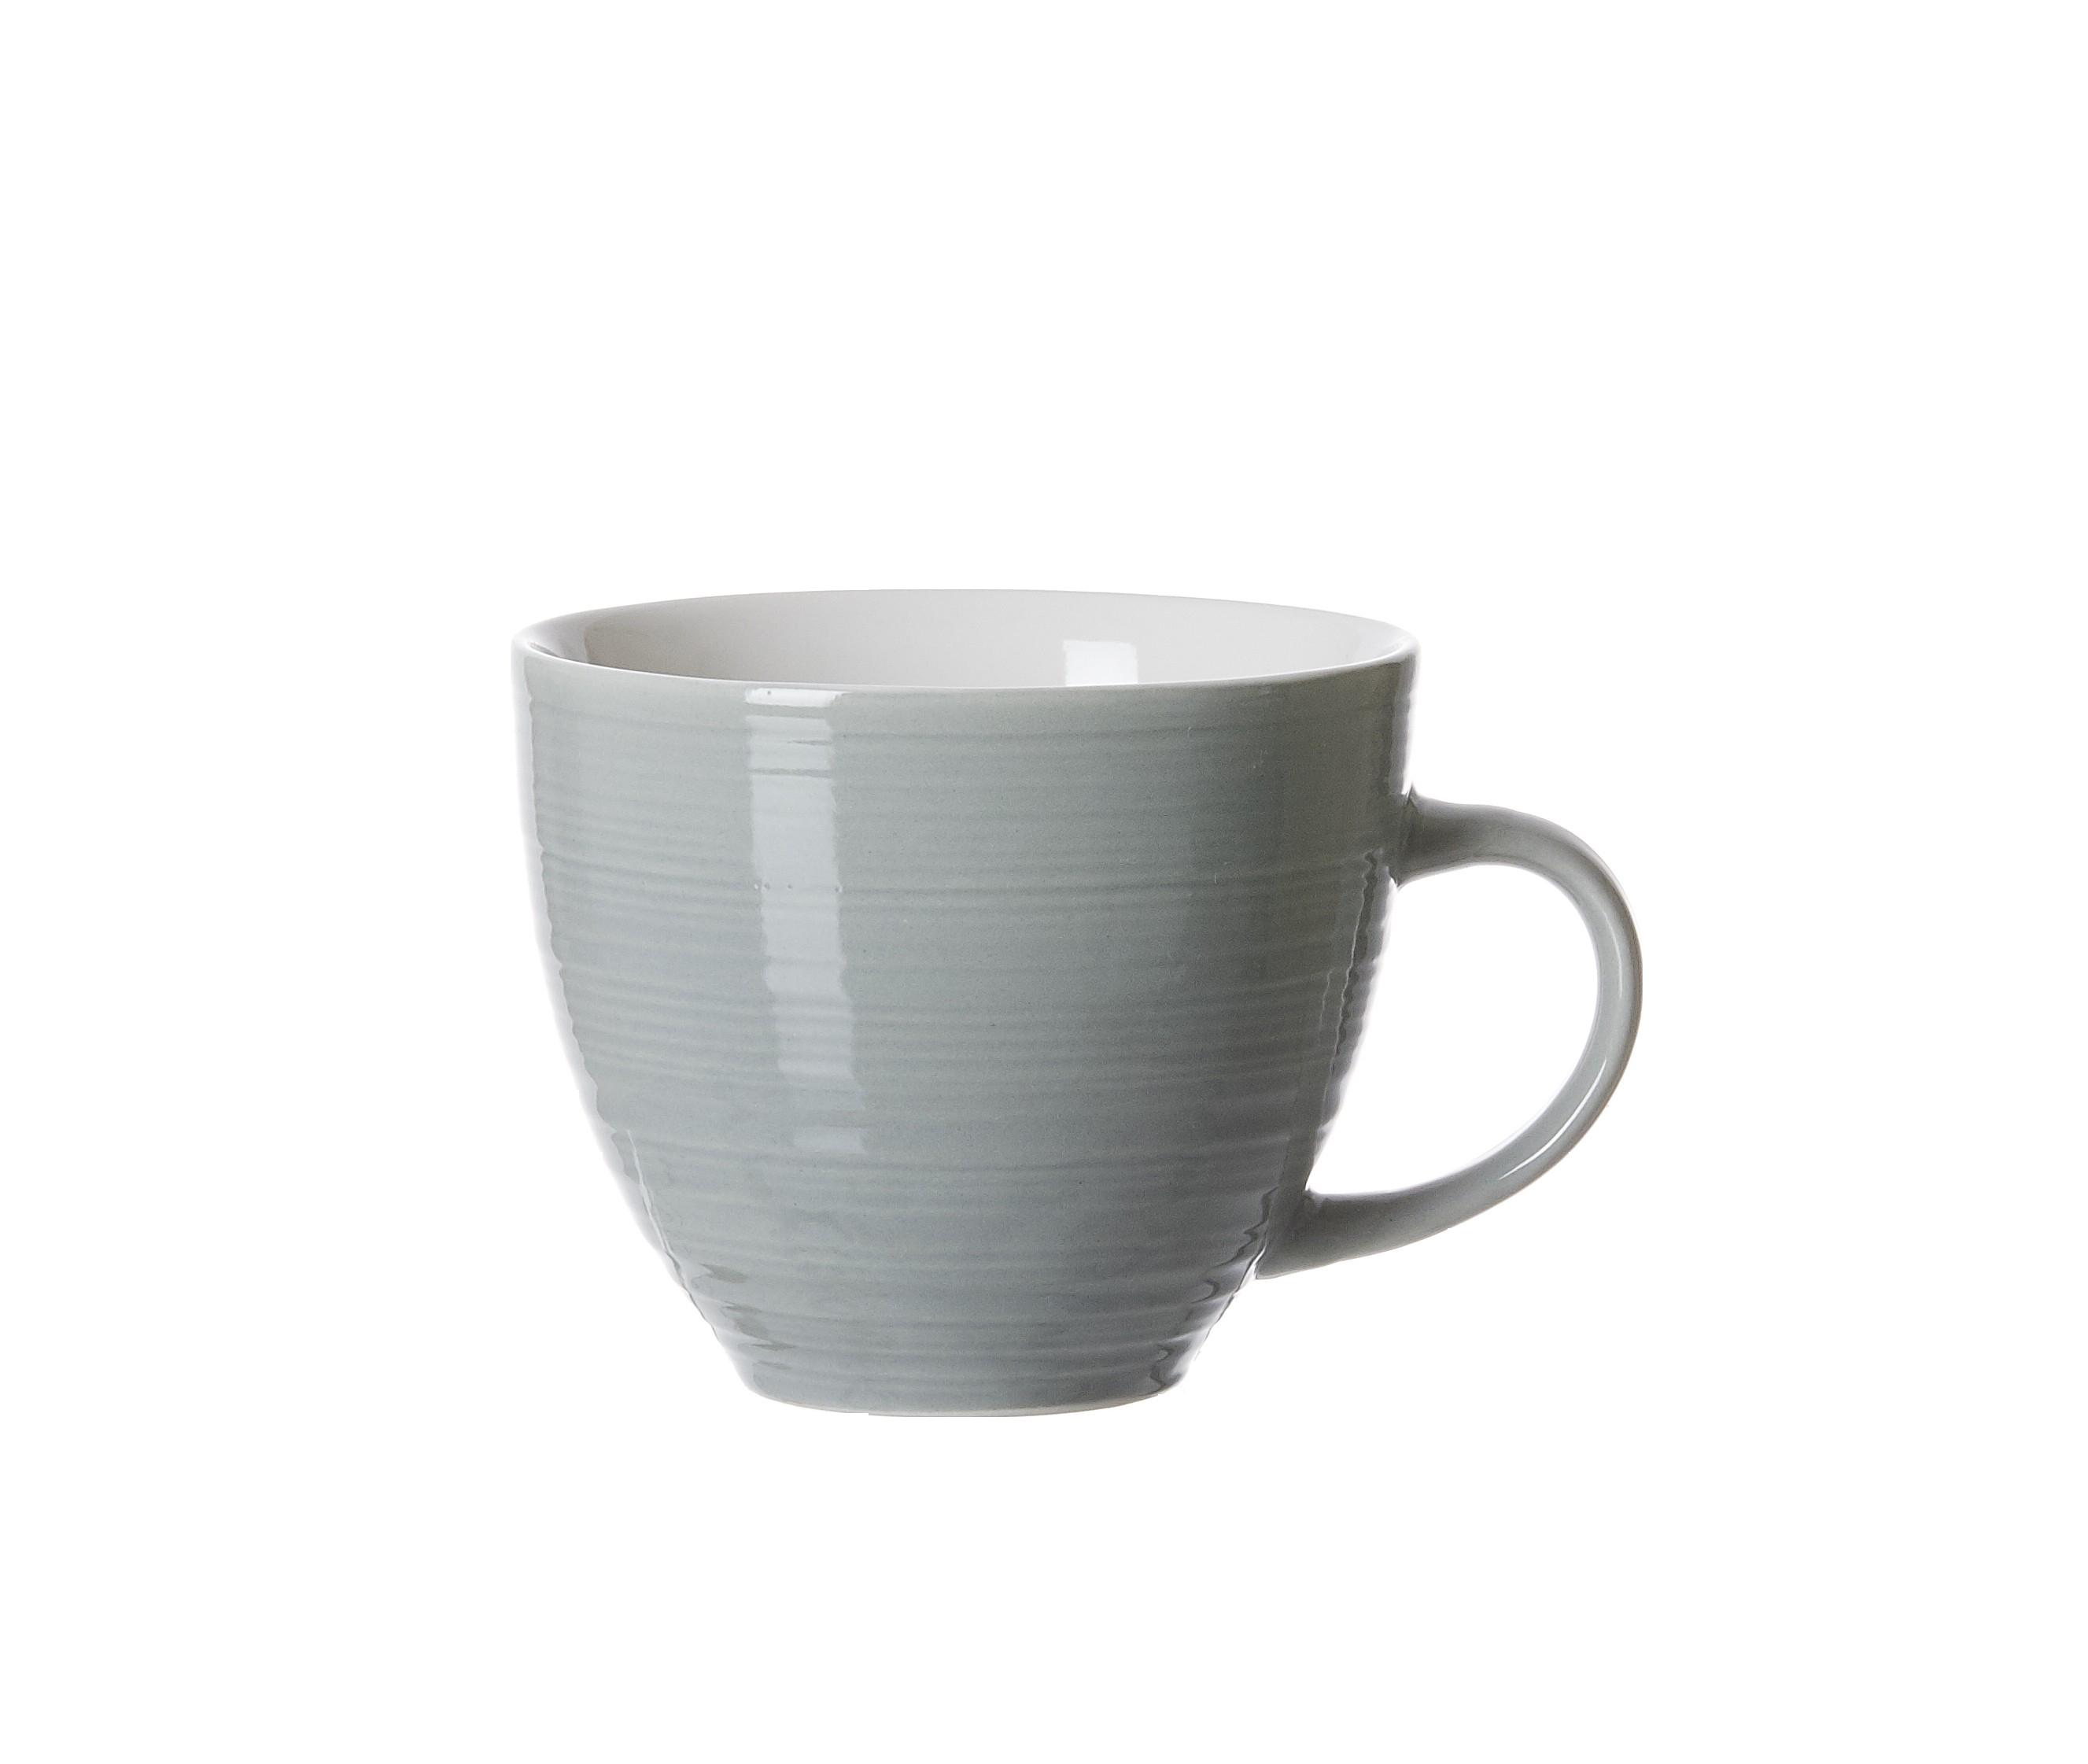 OBERE 230 ML        GRAU-BLAU SUOMI Standard